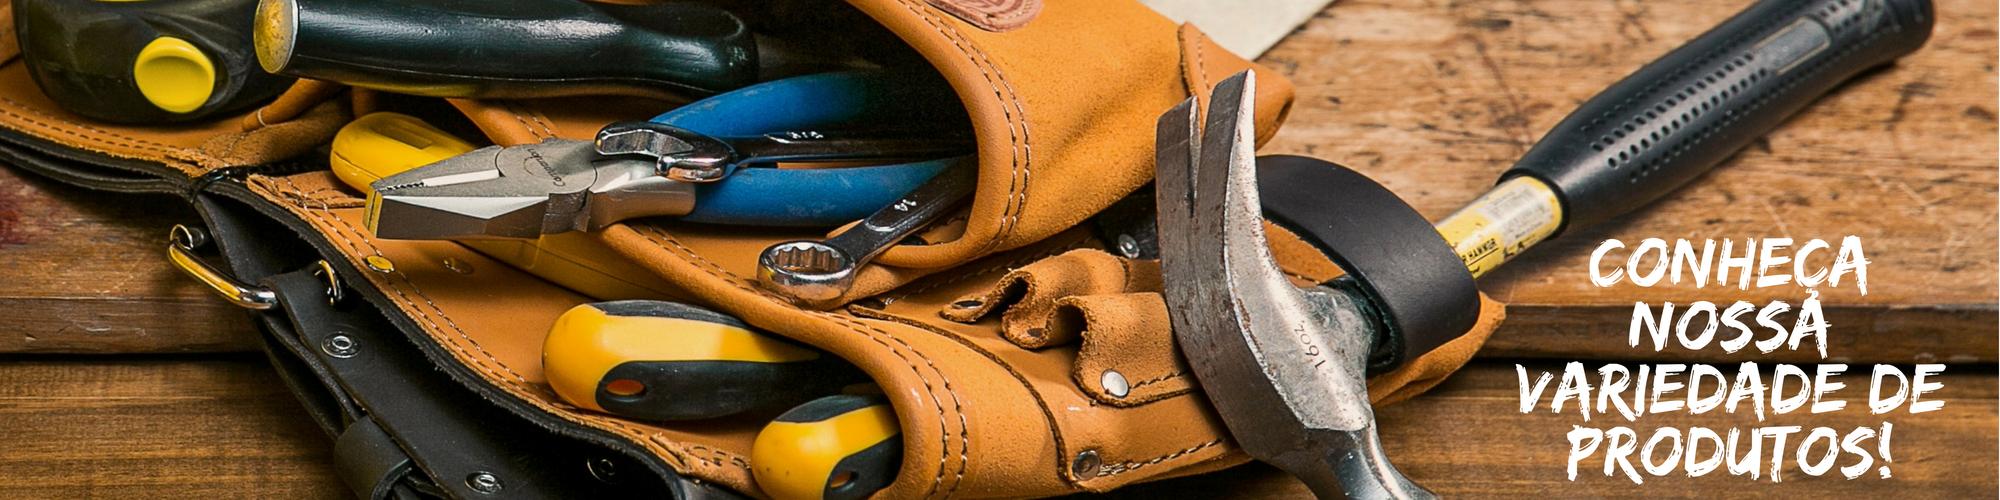 Variedade de ferramentas